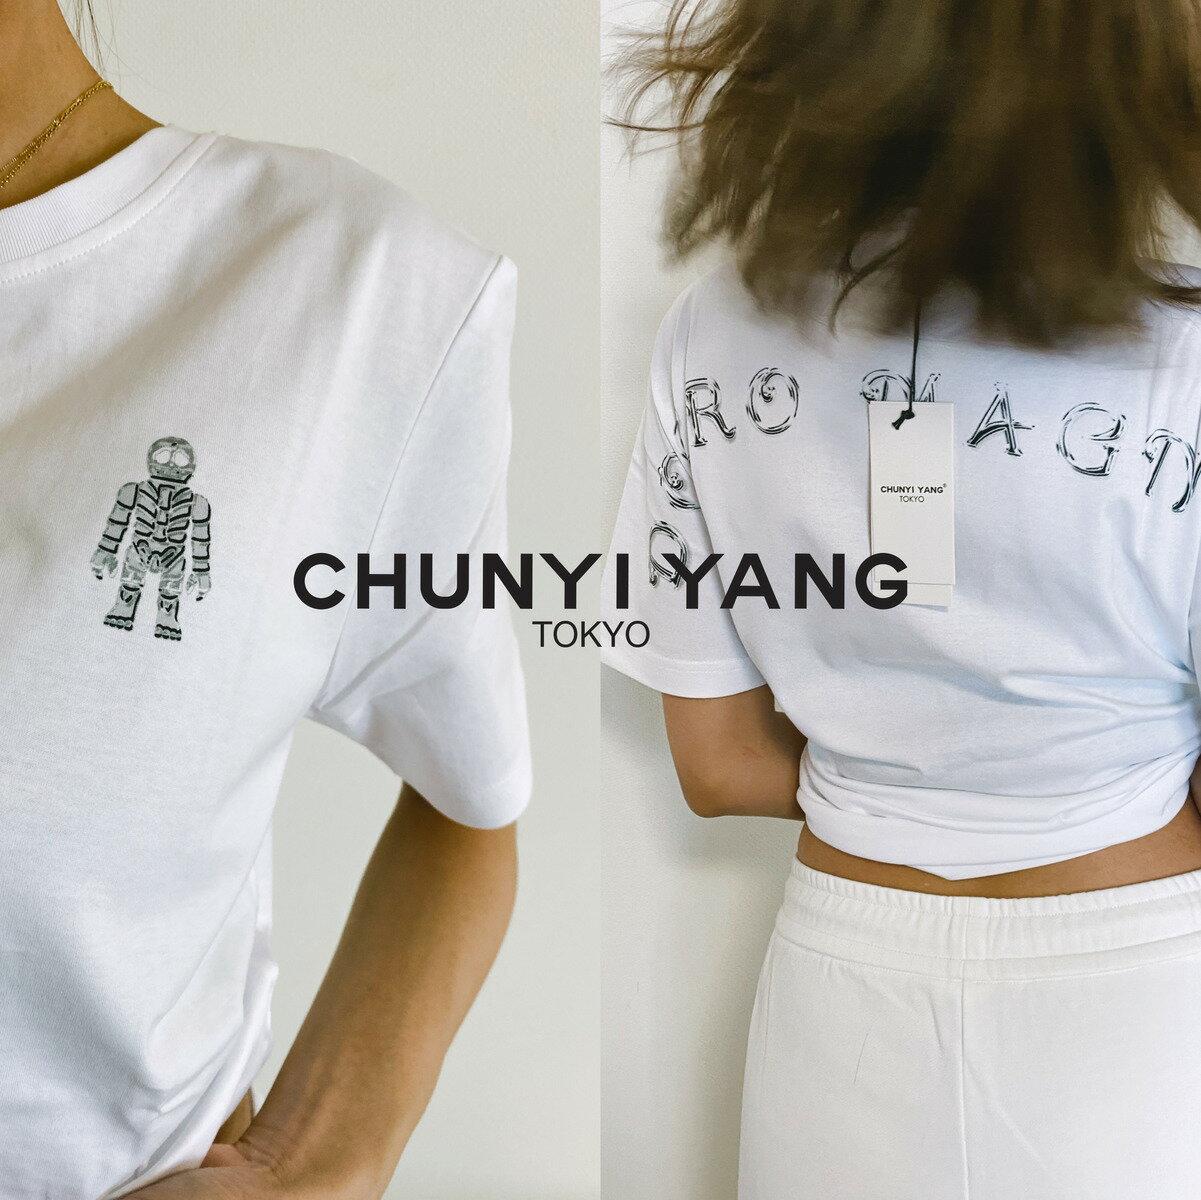 トップス, Tシャツ・カットソー REAL HEADCHUNYI YANG collection